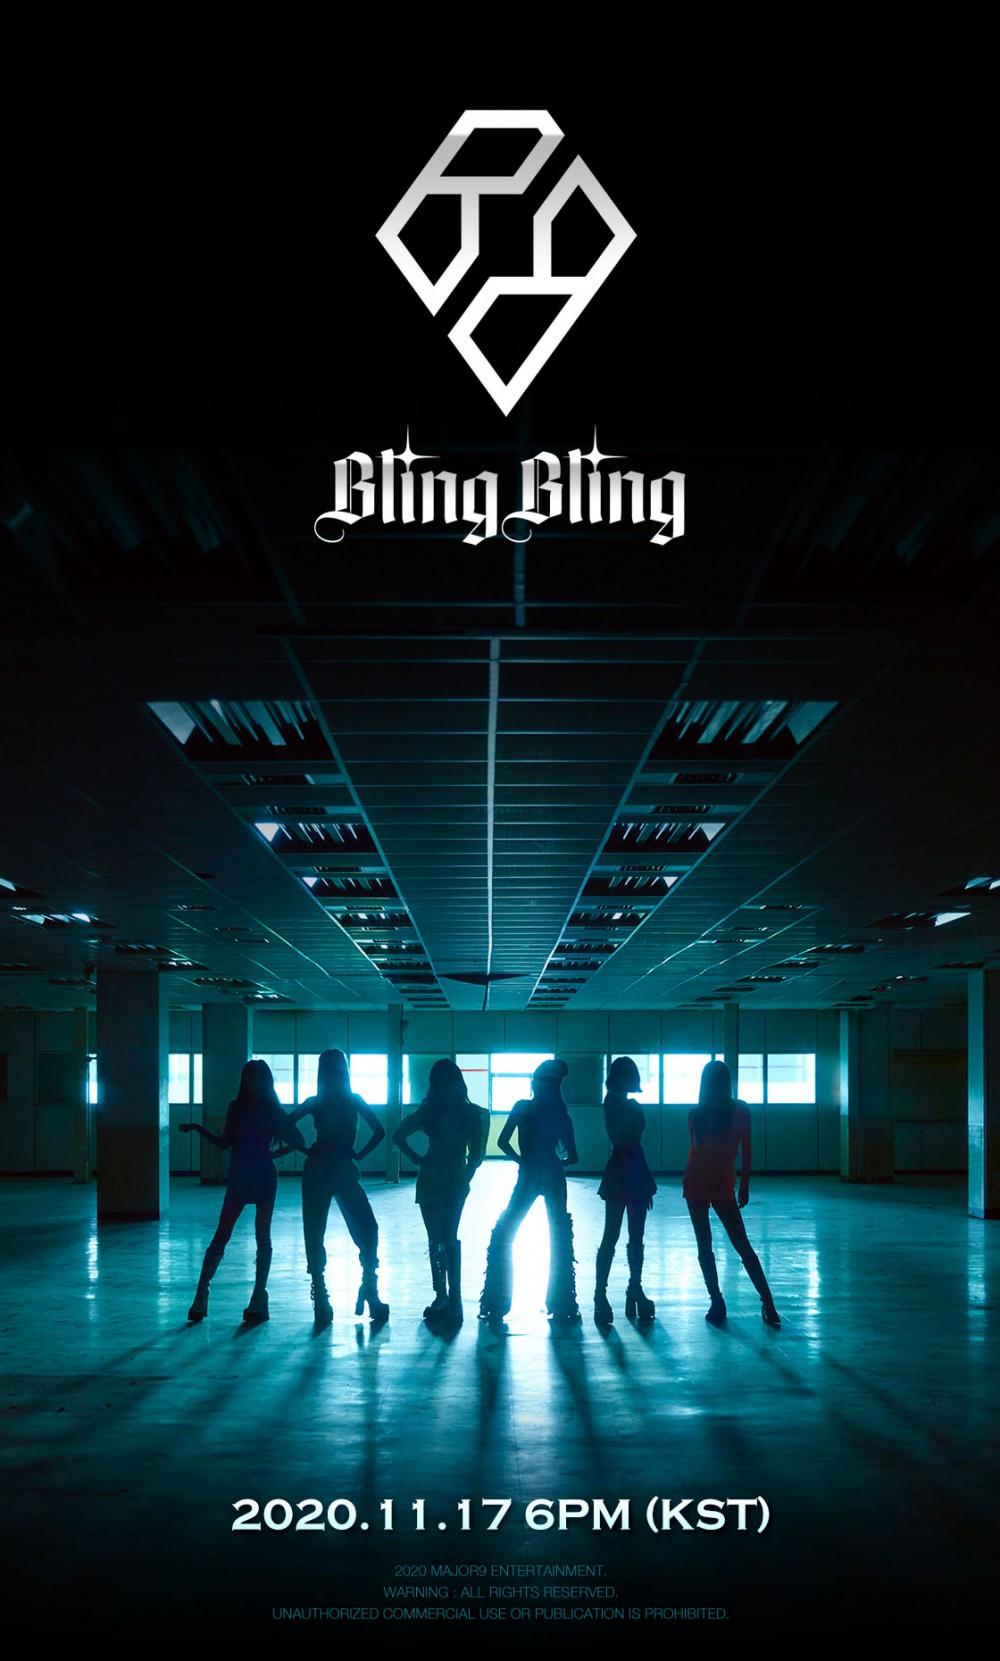 '메이저나인 1호 걸그룹' 블링블링, 11월 17일 정식 데뷔 확정